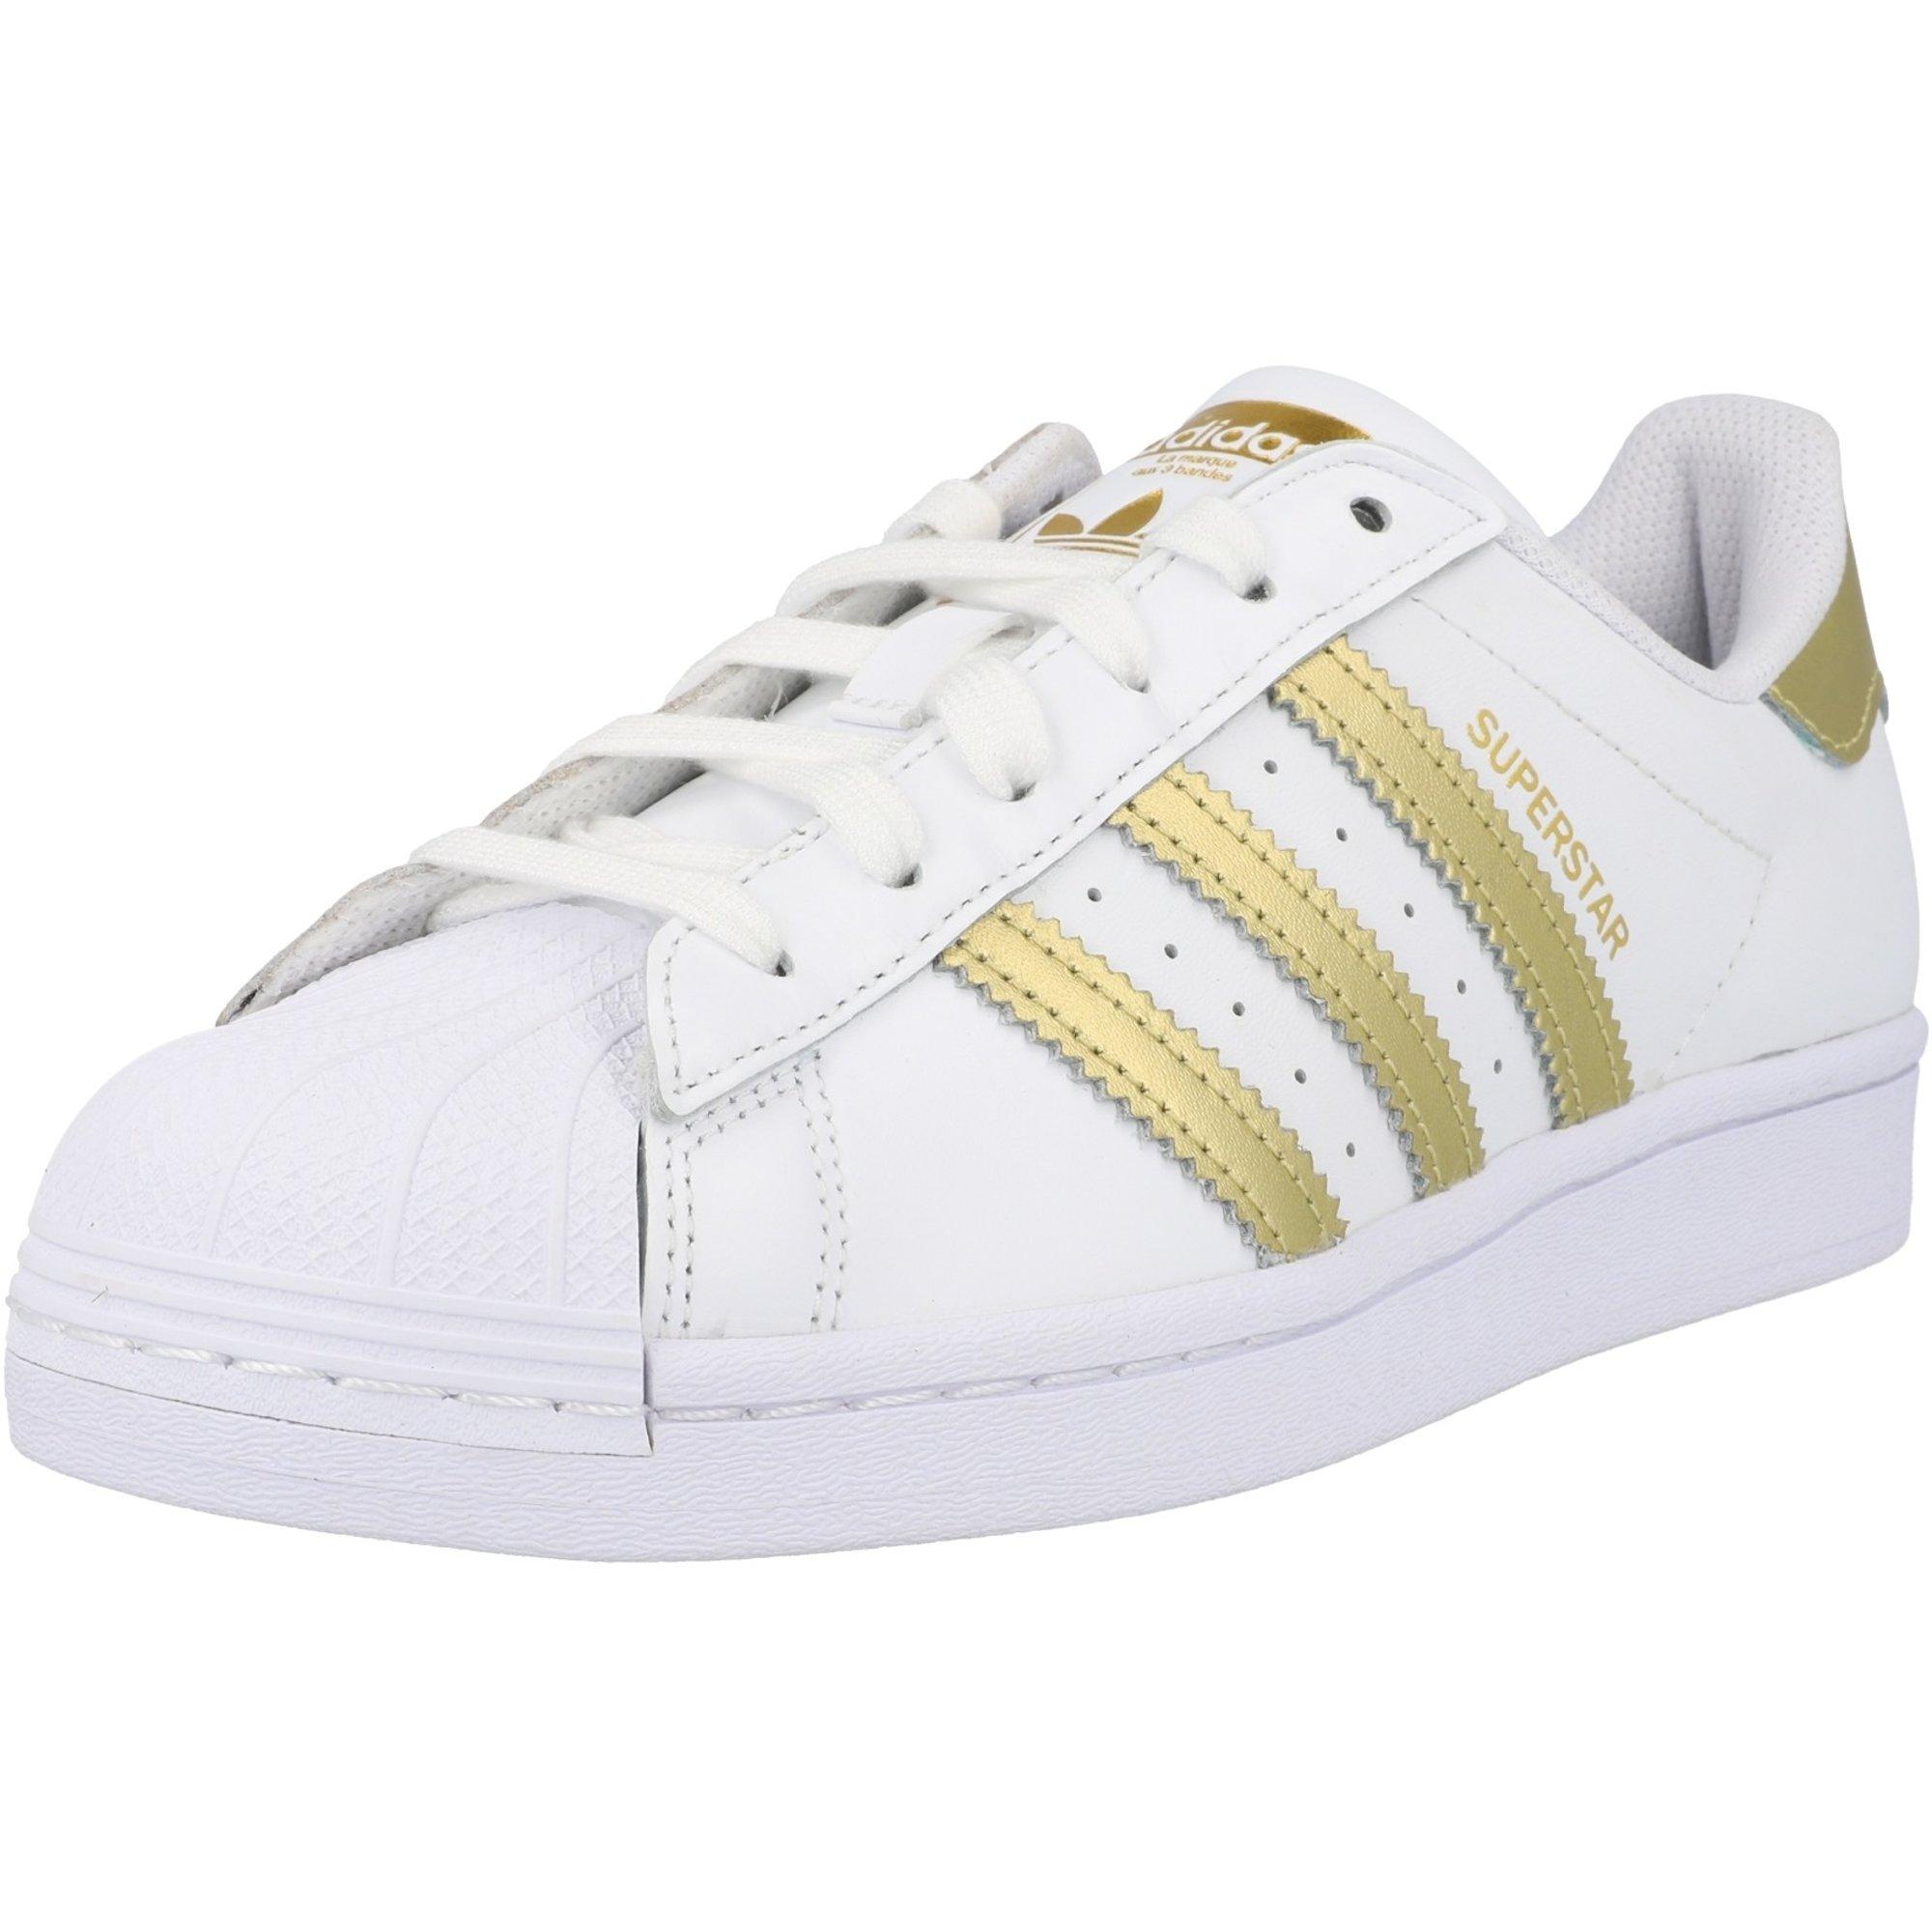 adidas Originals Superstar W White/Gold Metallic Leather